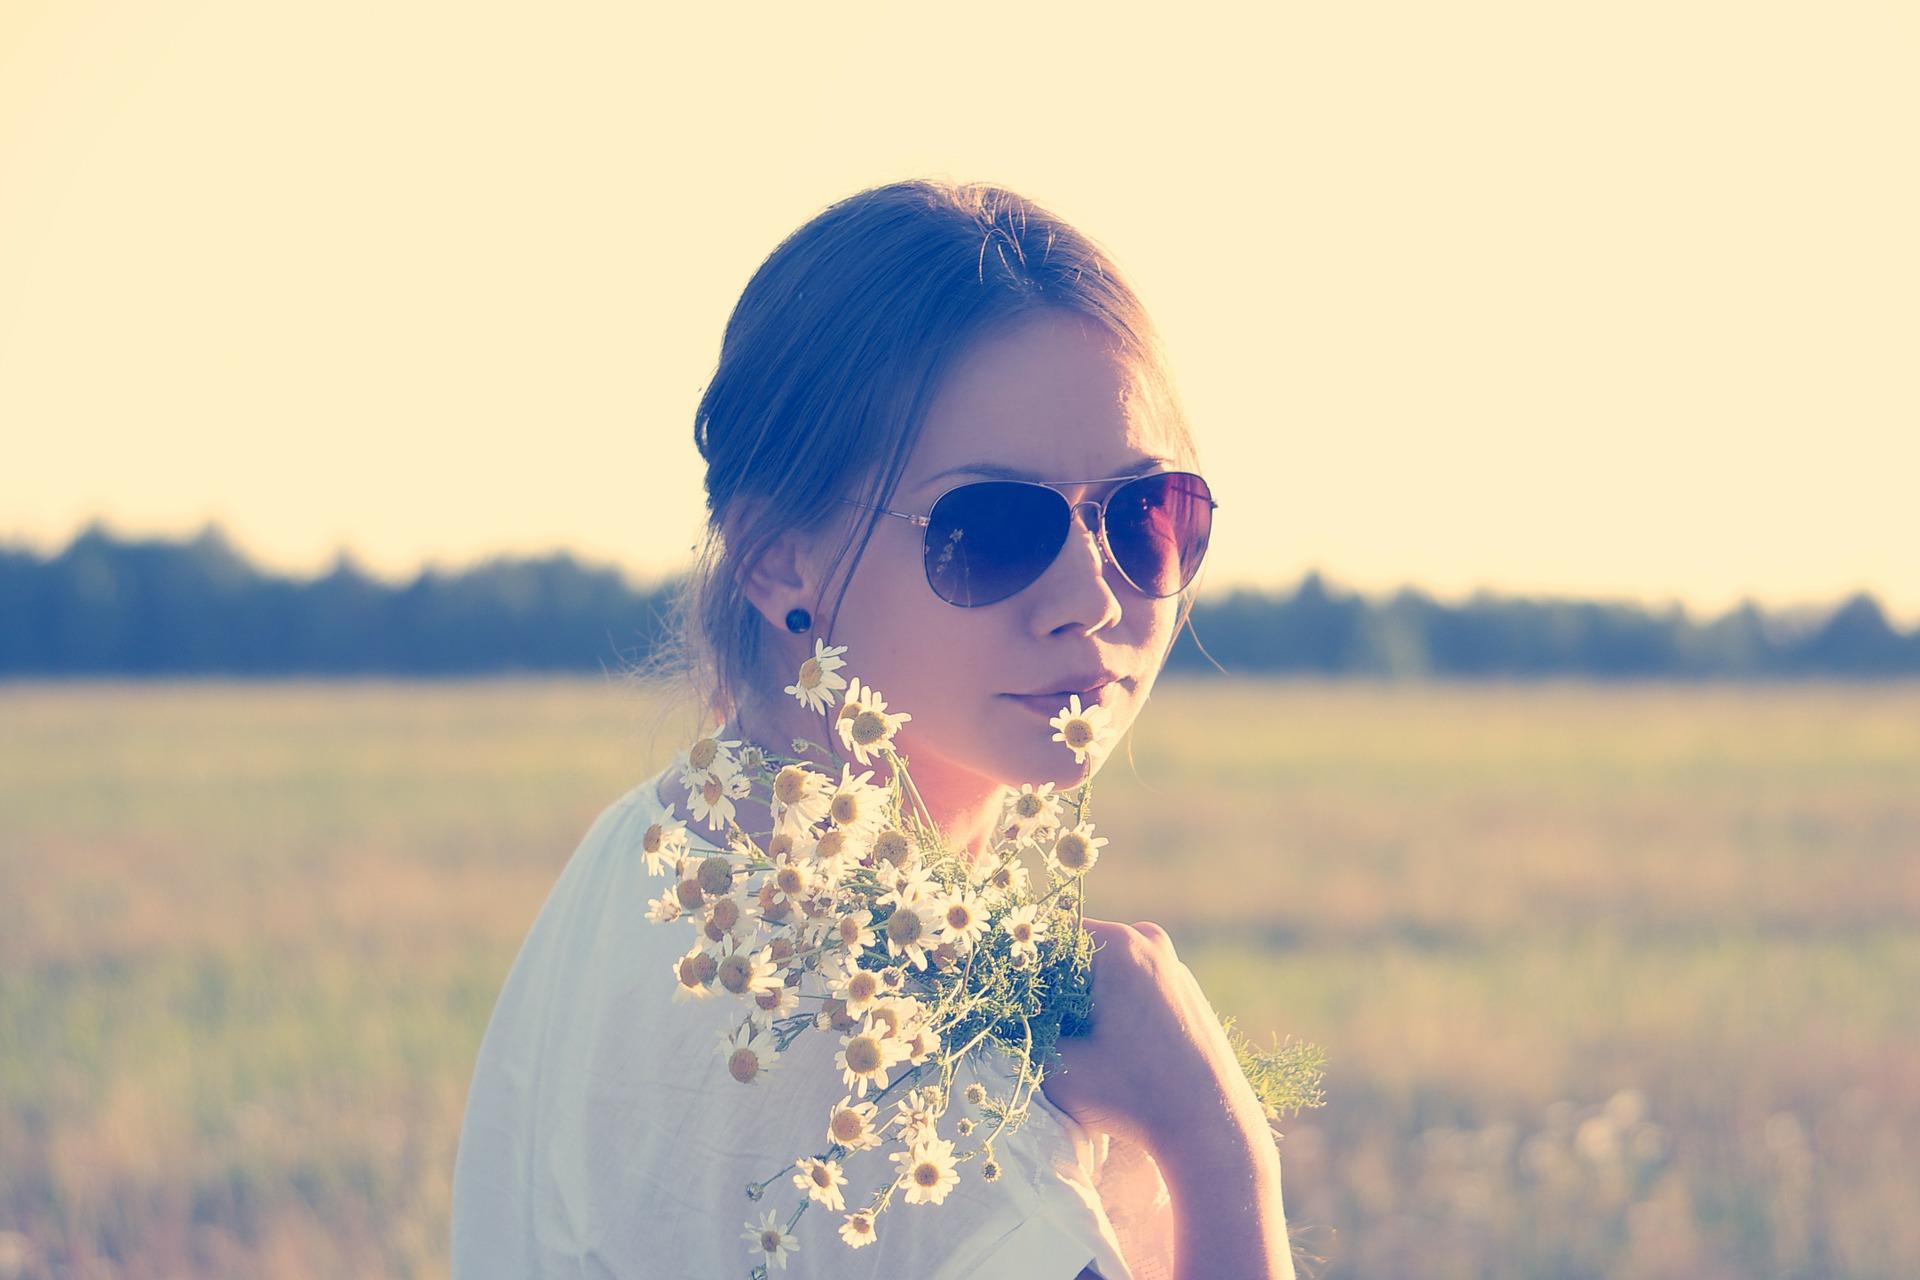 Kontaktlinsen mit UV-Schutz ersetzen Sonnenbrillen nicht